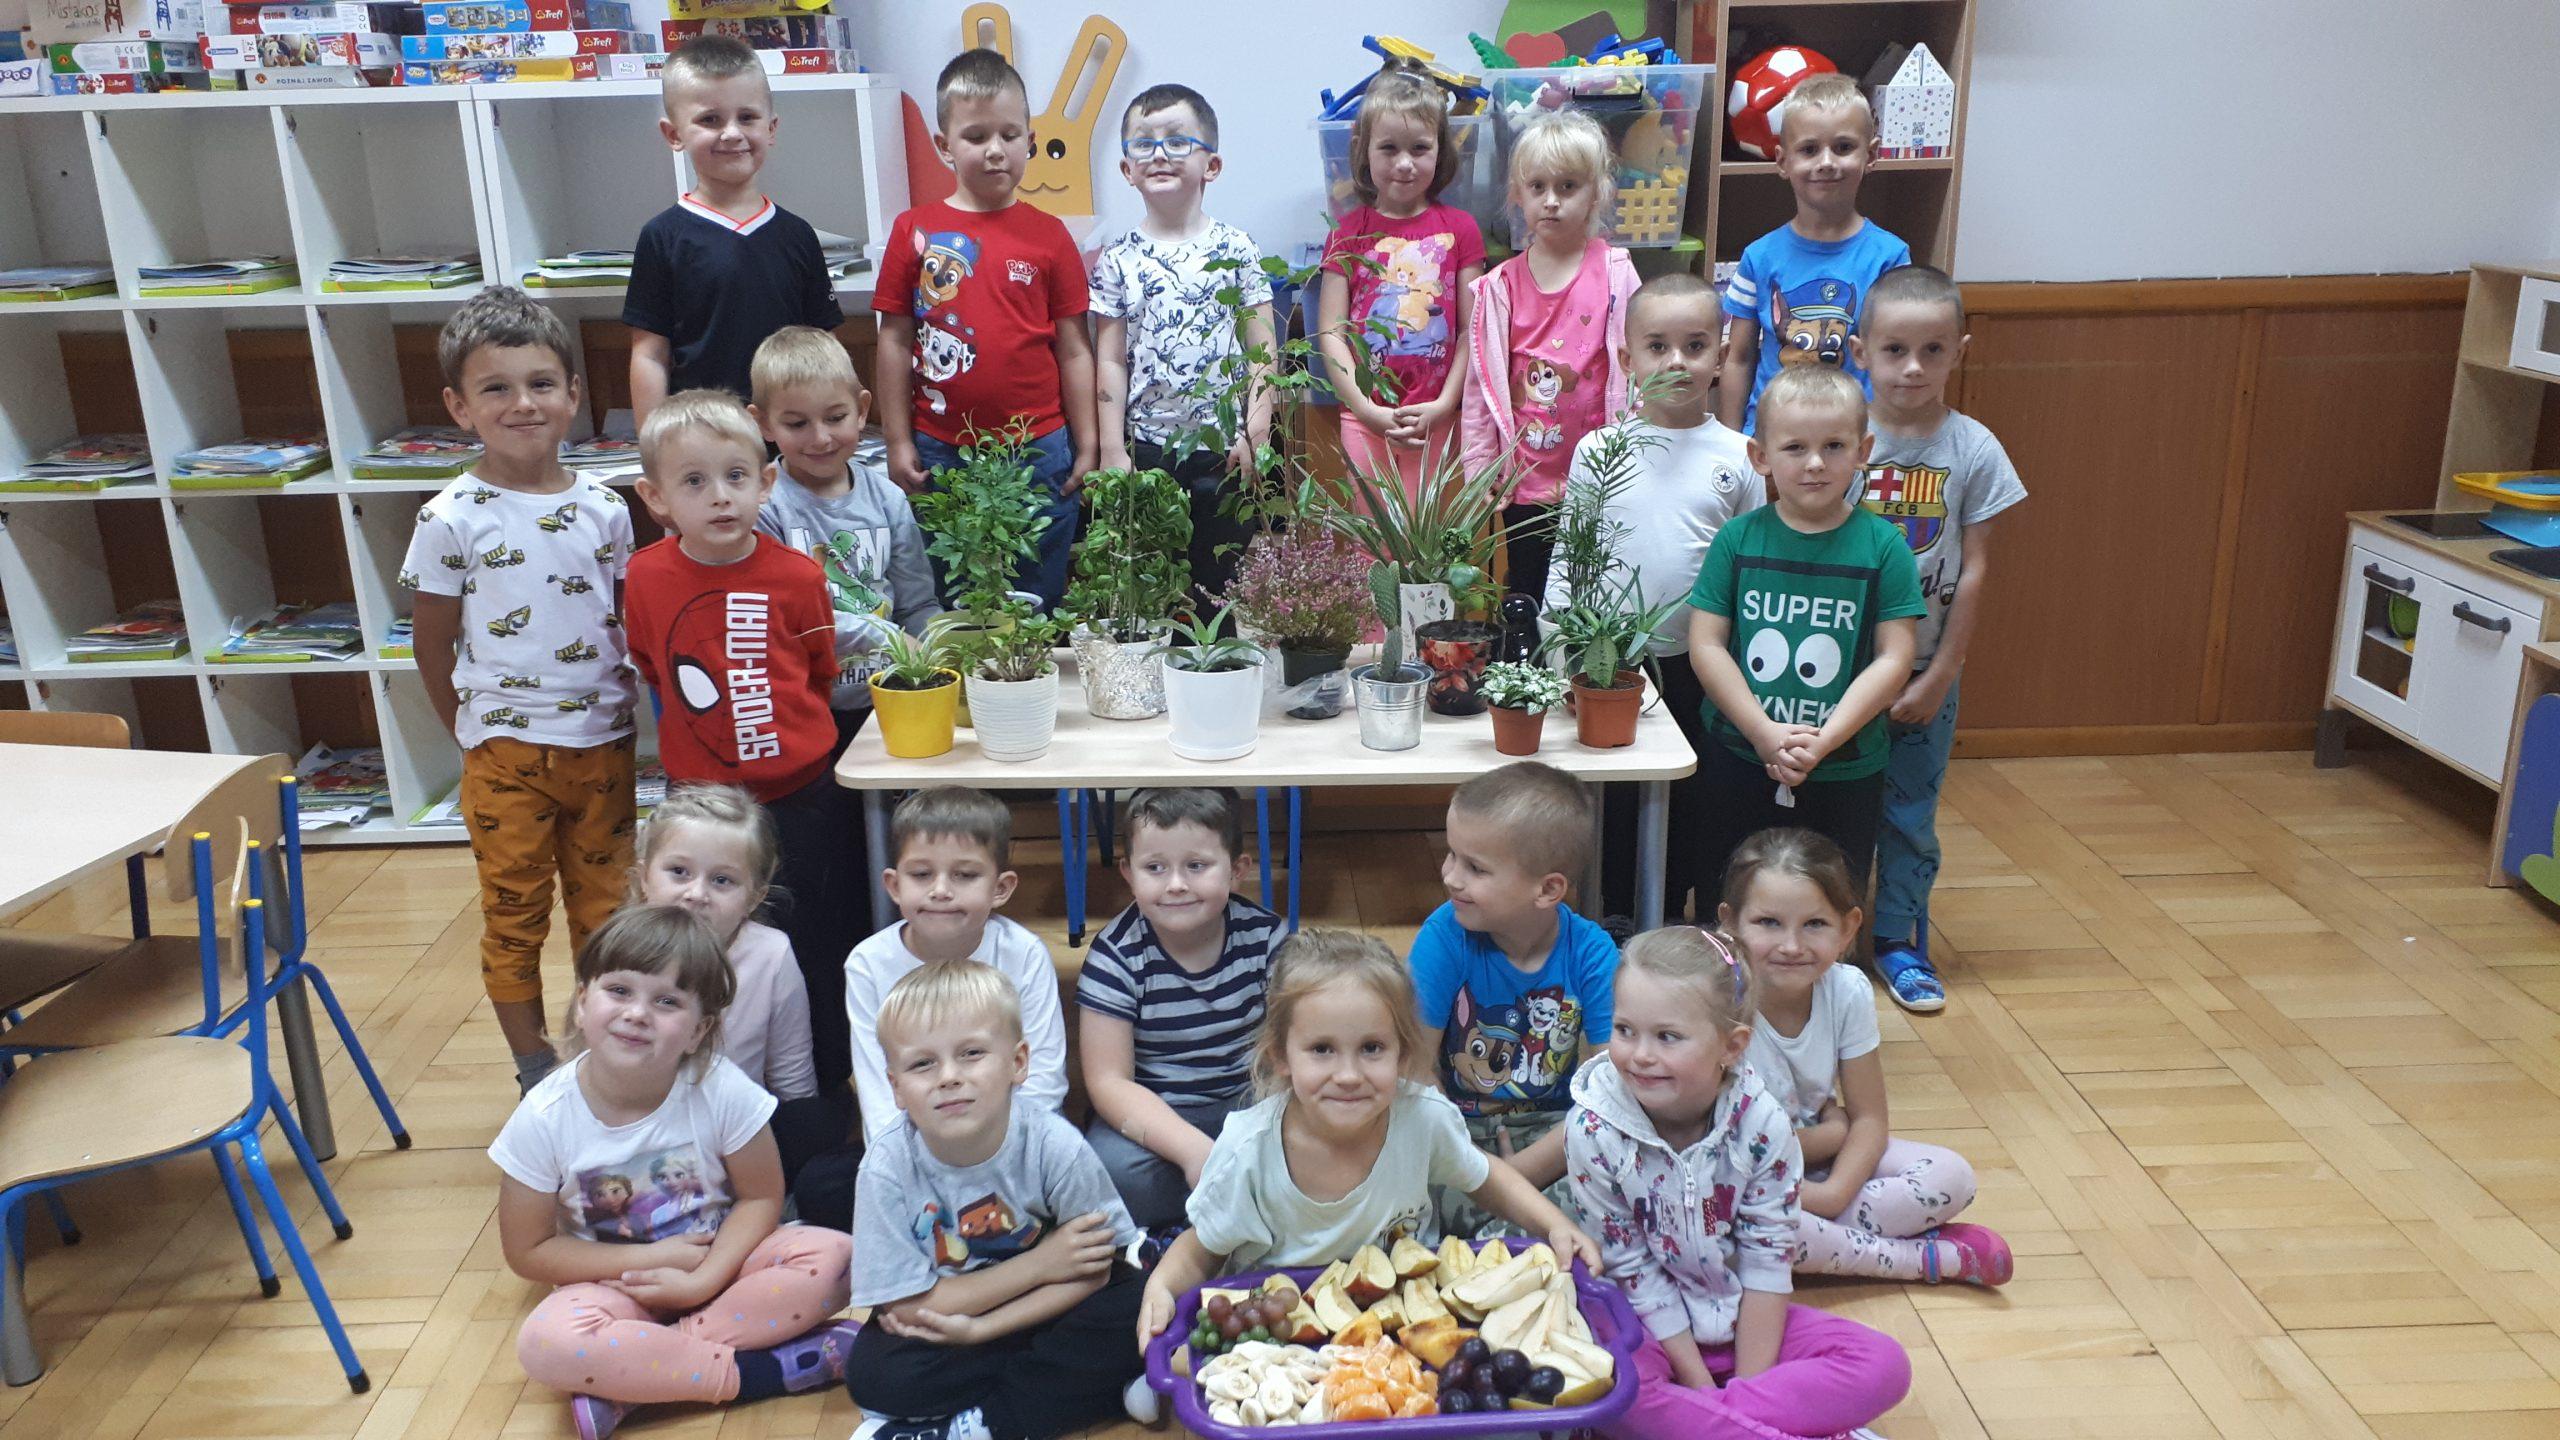 Ekokulturalne przedszkole